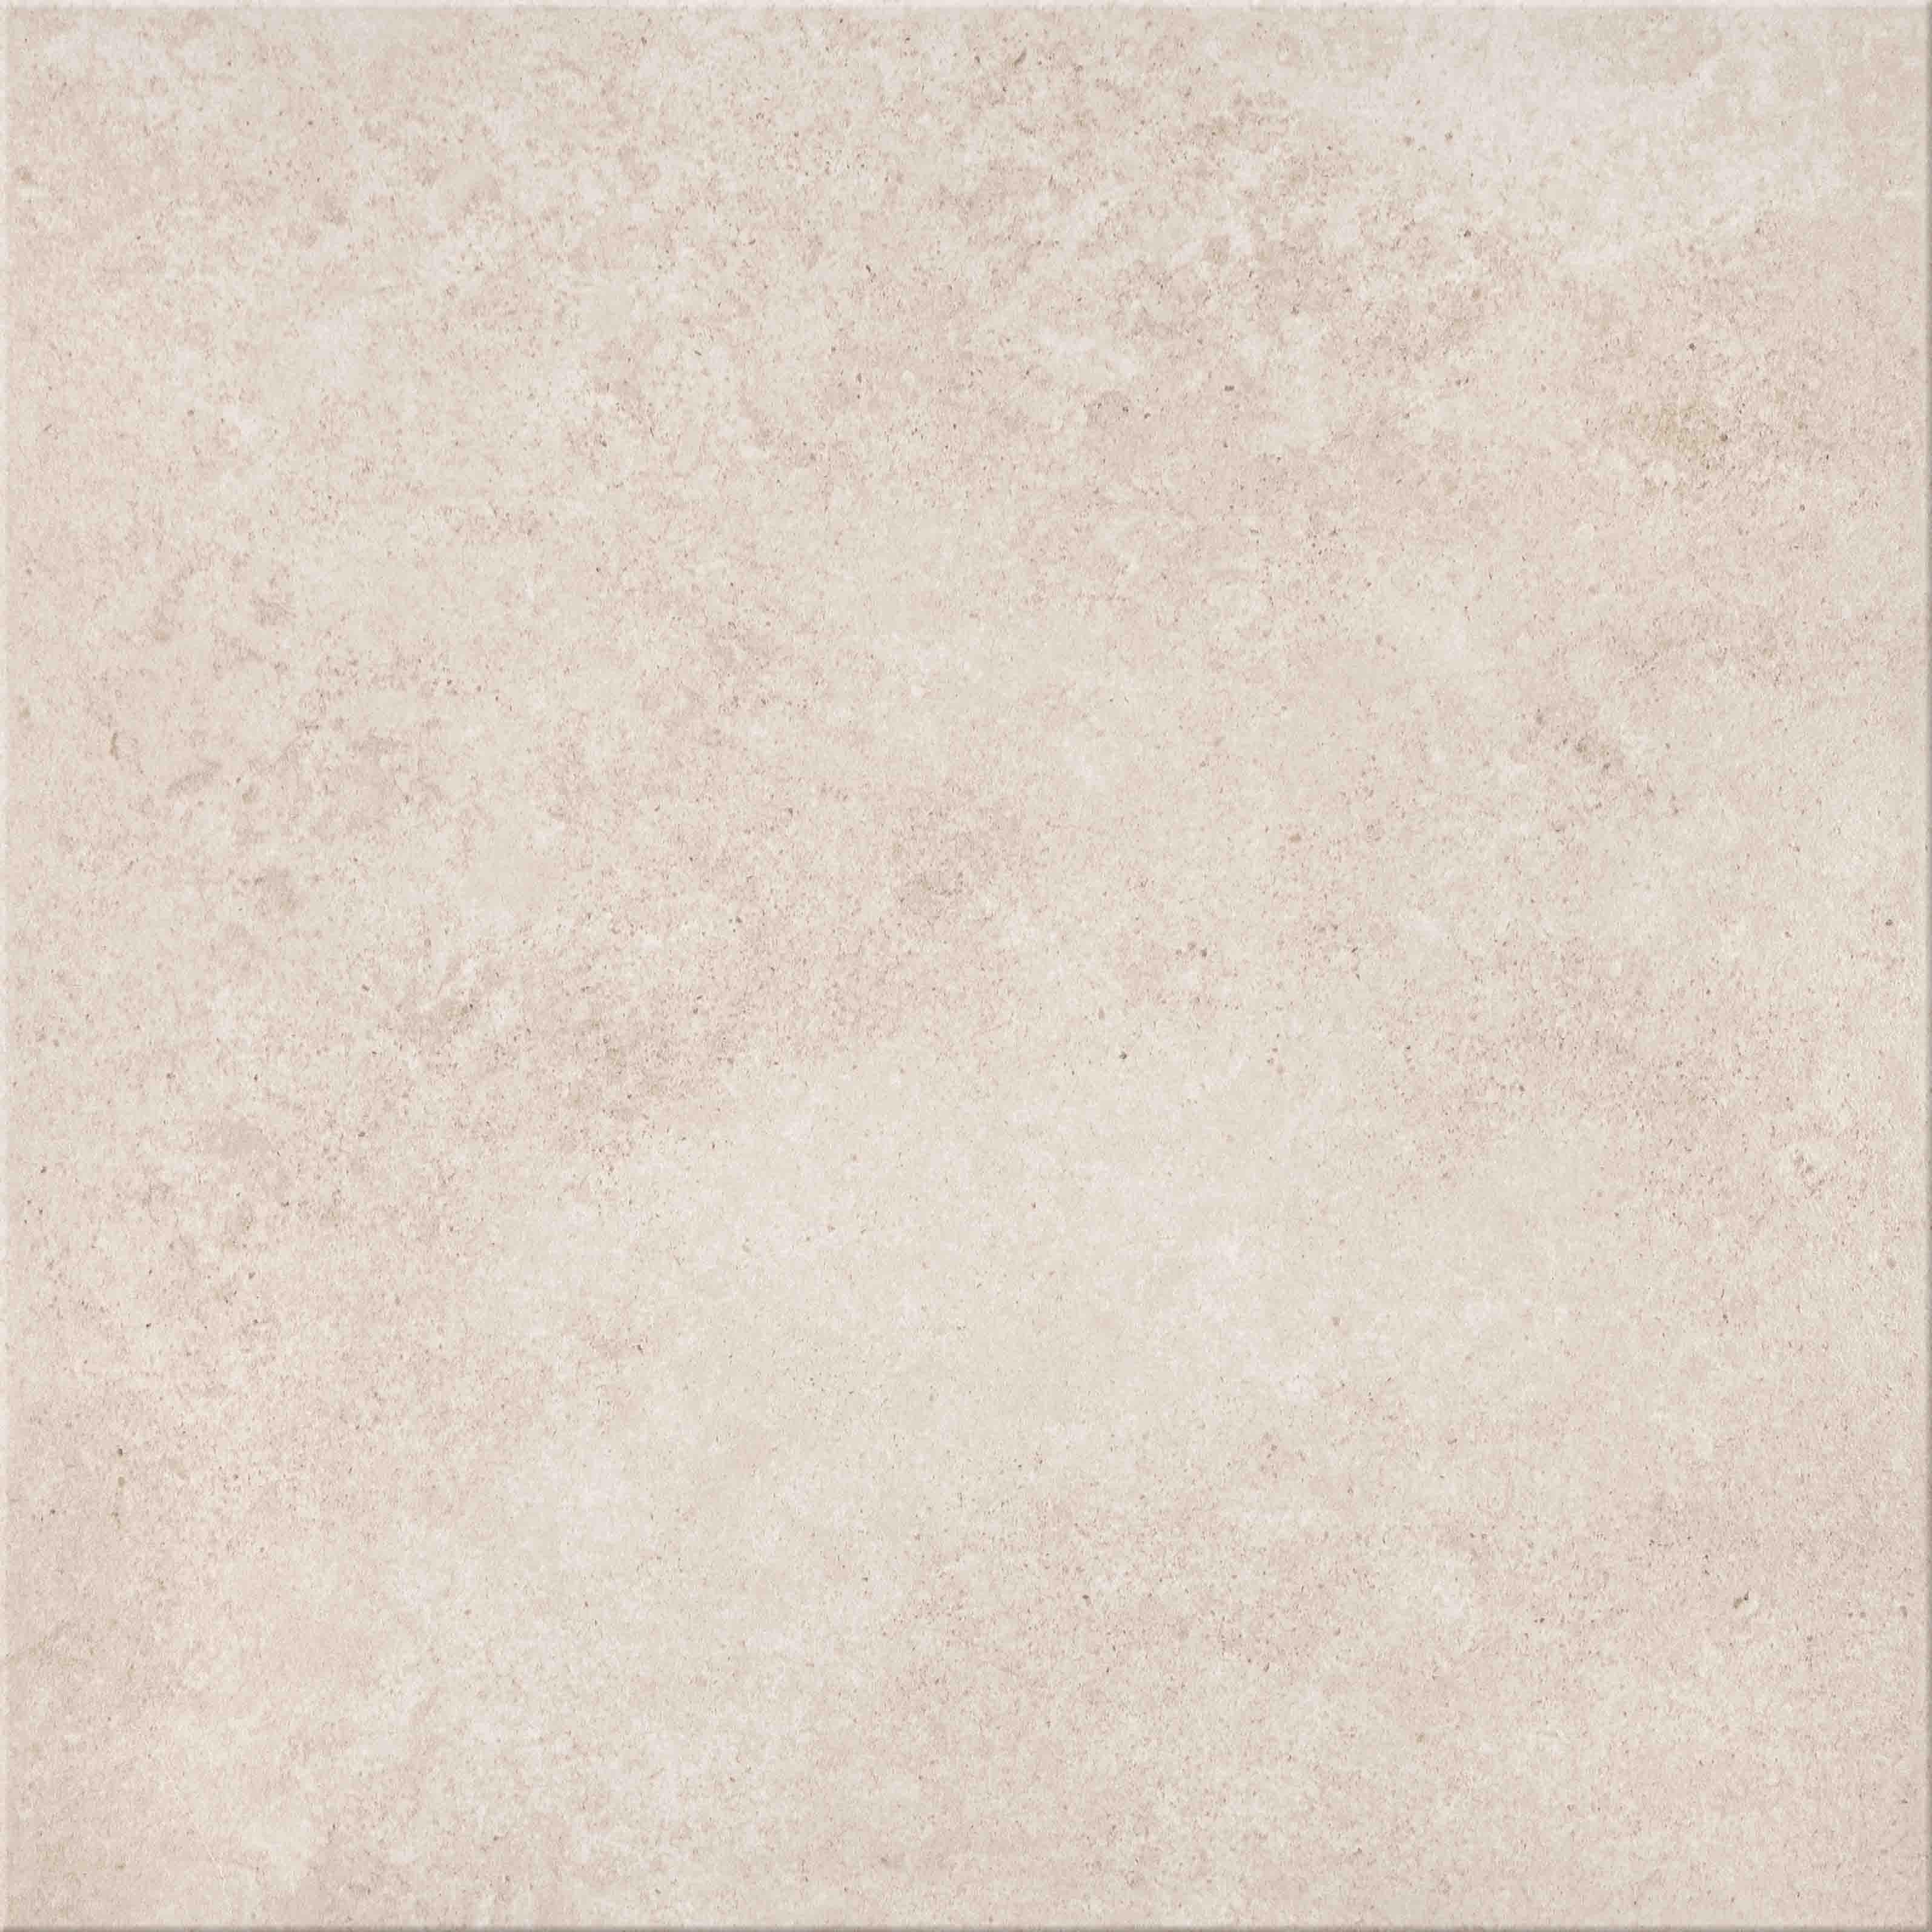 Керамогранит напольный Cersanit Persa C-PE4R302D кремовый 420*420 (шт.) от Ravta